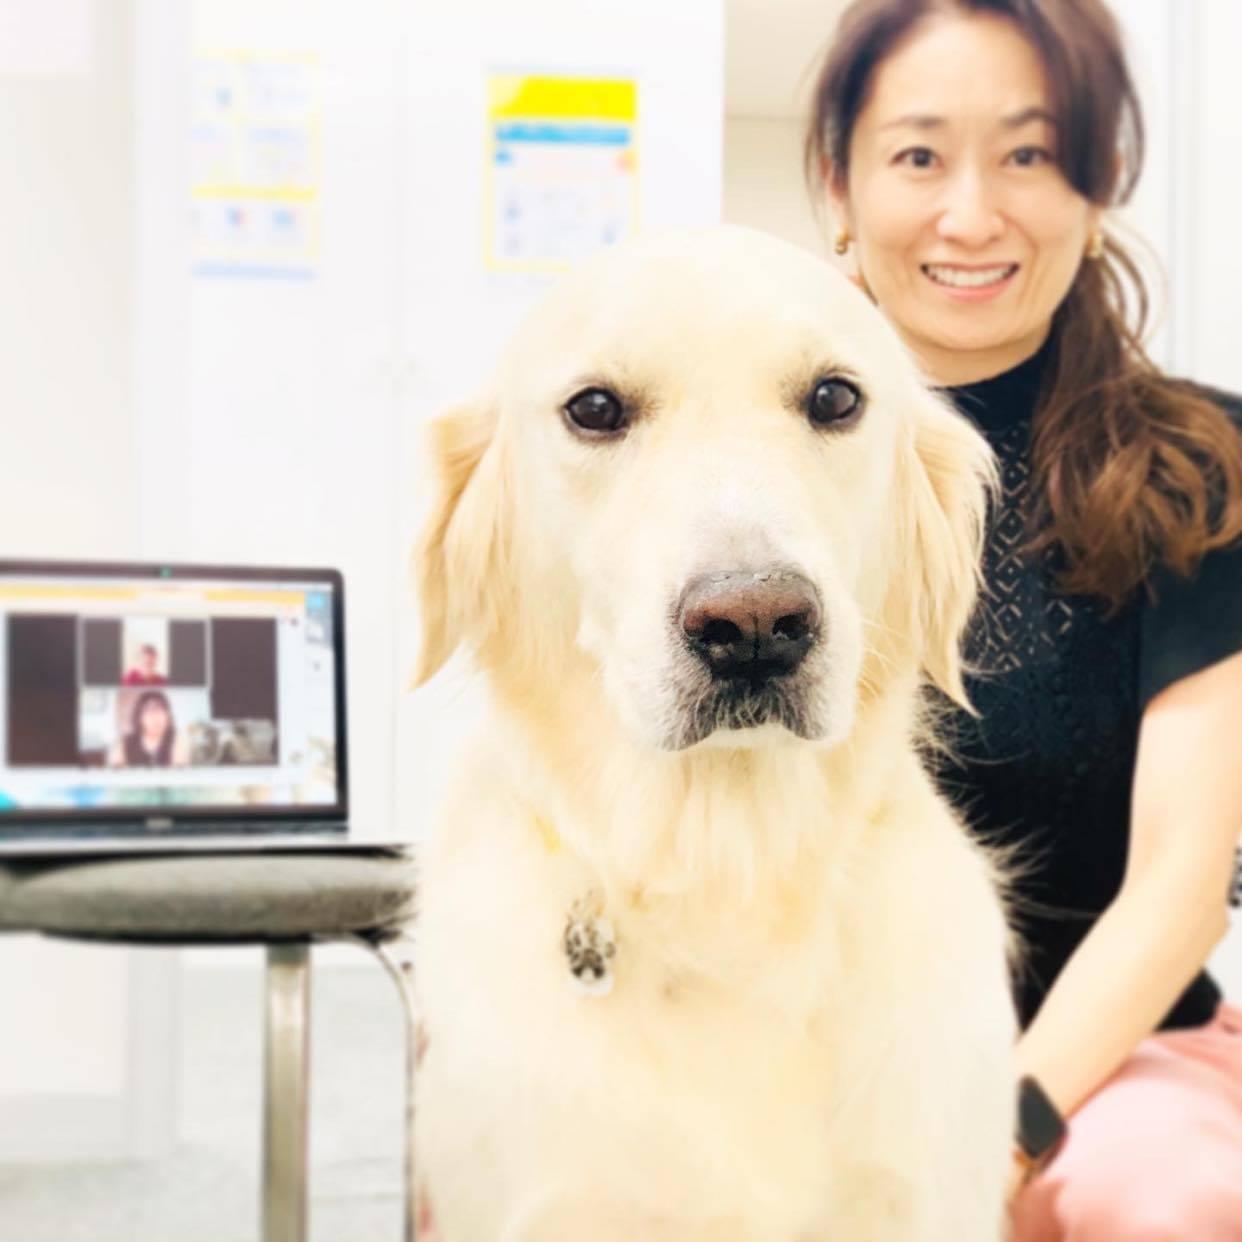 「日本の動物福祉を世界トップレベルに」 アニマル・ドネーションの挑戦